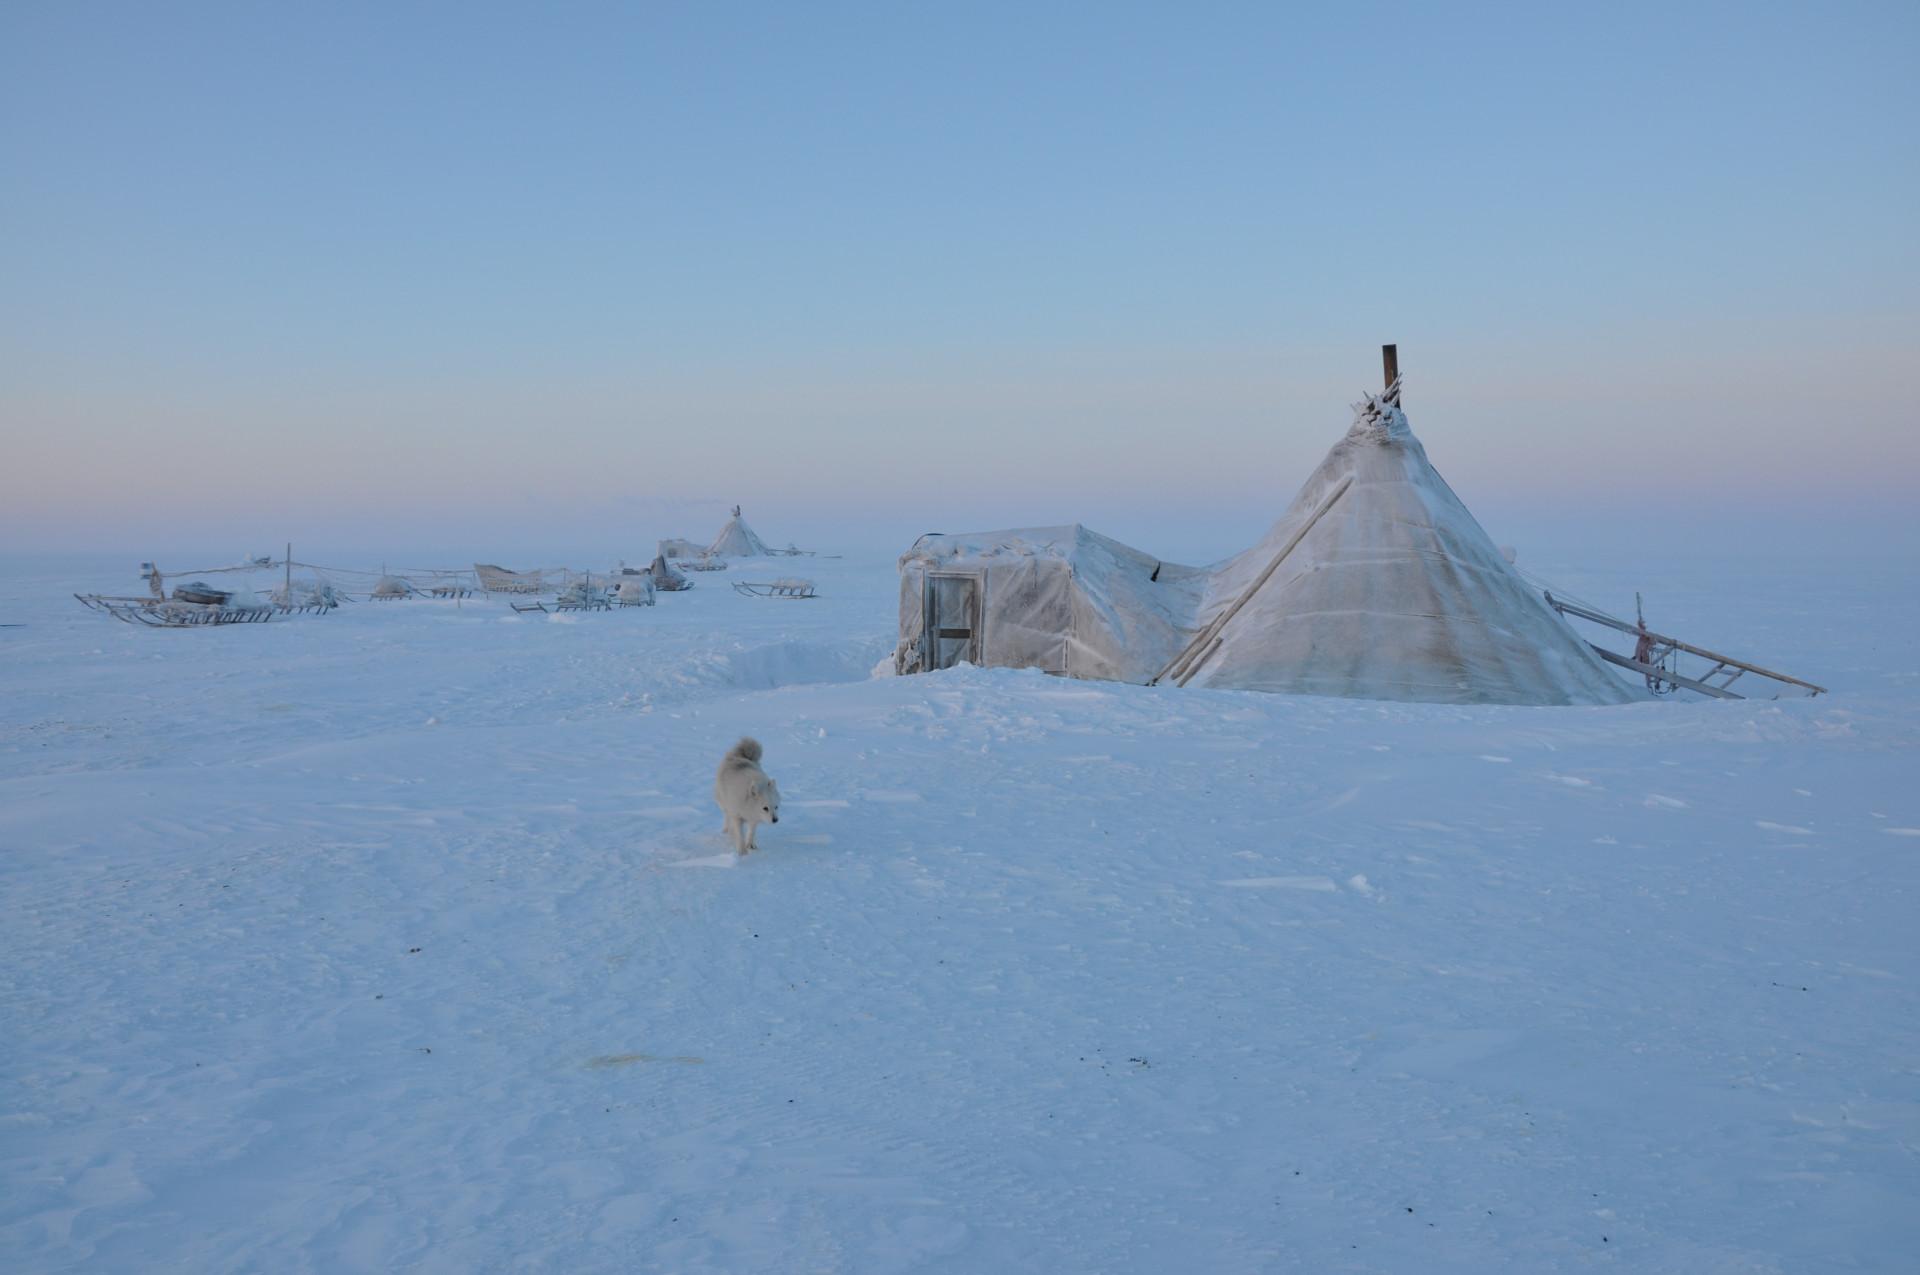 Ett tält övertäckt med någon form av textil i Jamal, Ryssland. Runtomkring syns ett snöigt landskap och en vit hund. Foto: Dmitry Arzyutov